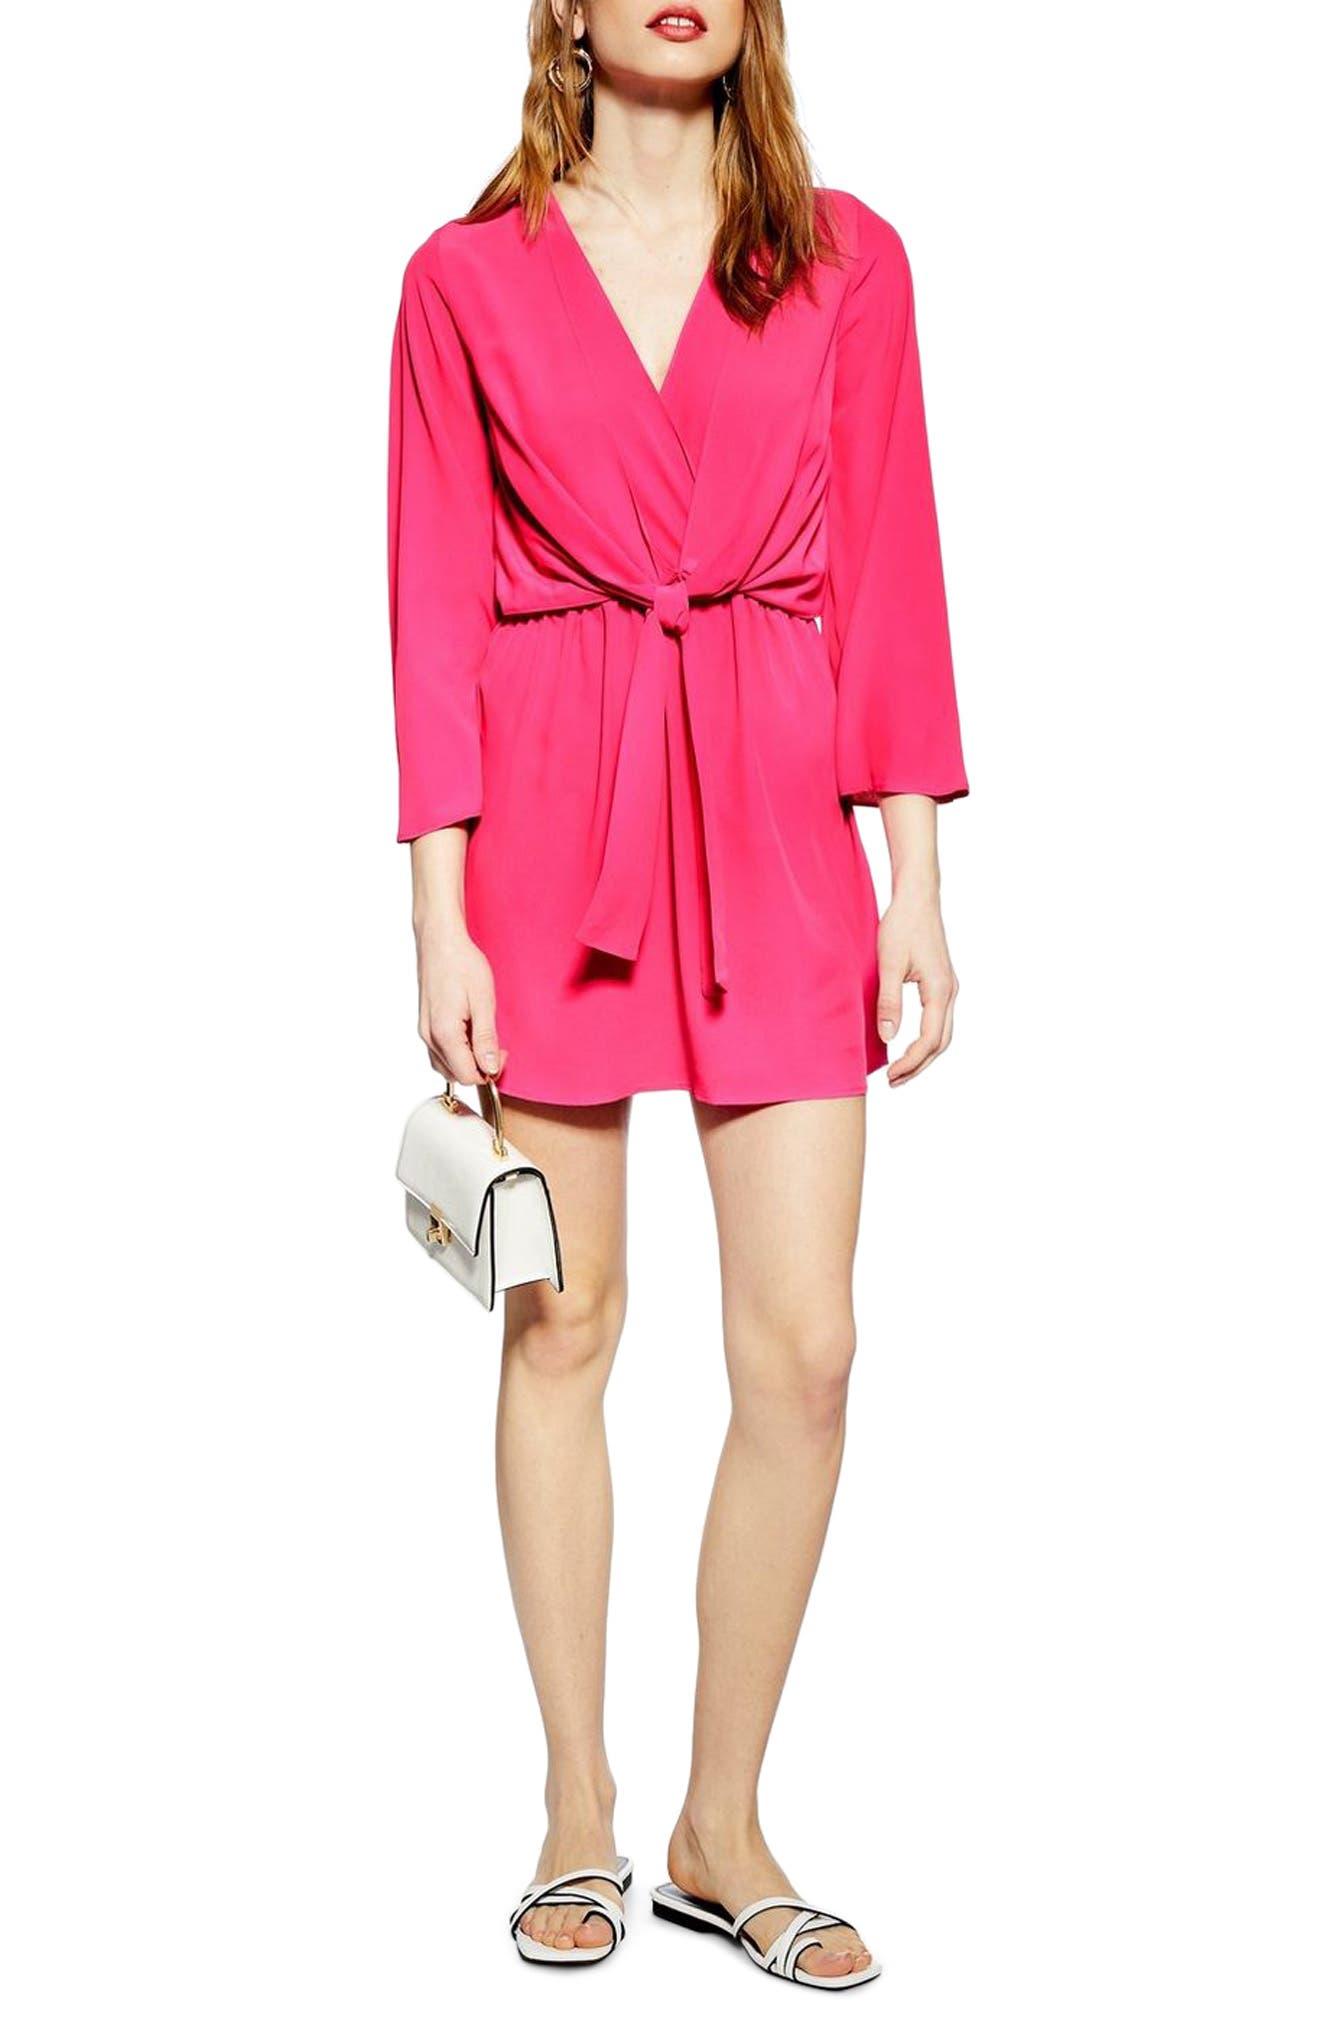 Topshop Tiffany Knot Minidress, US (fits like 0-2) - Pink